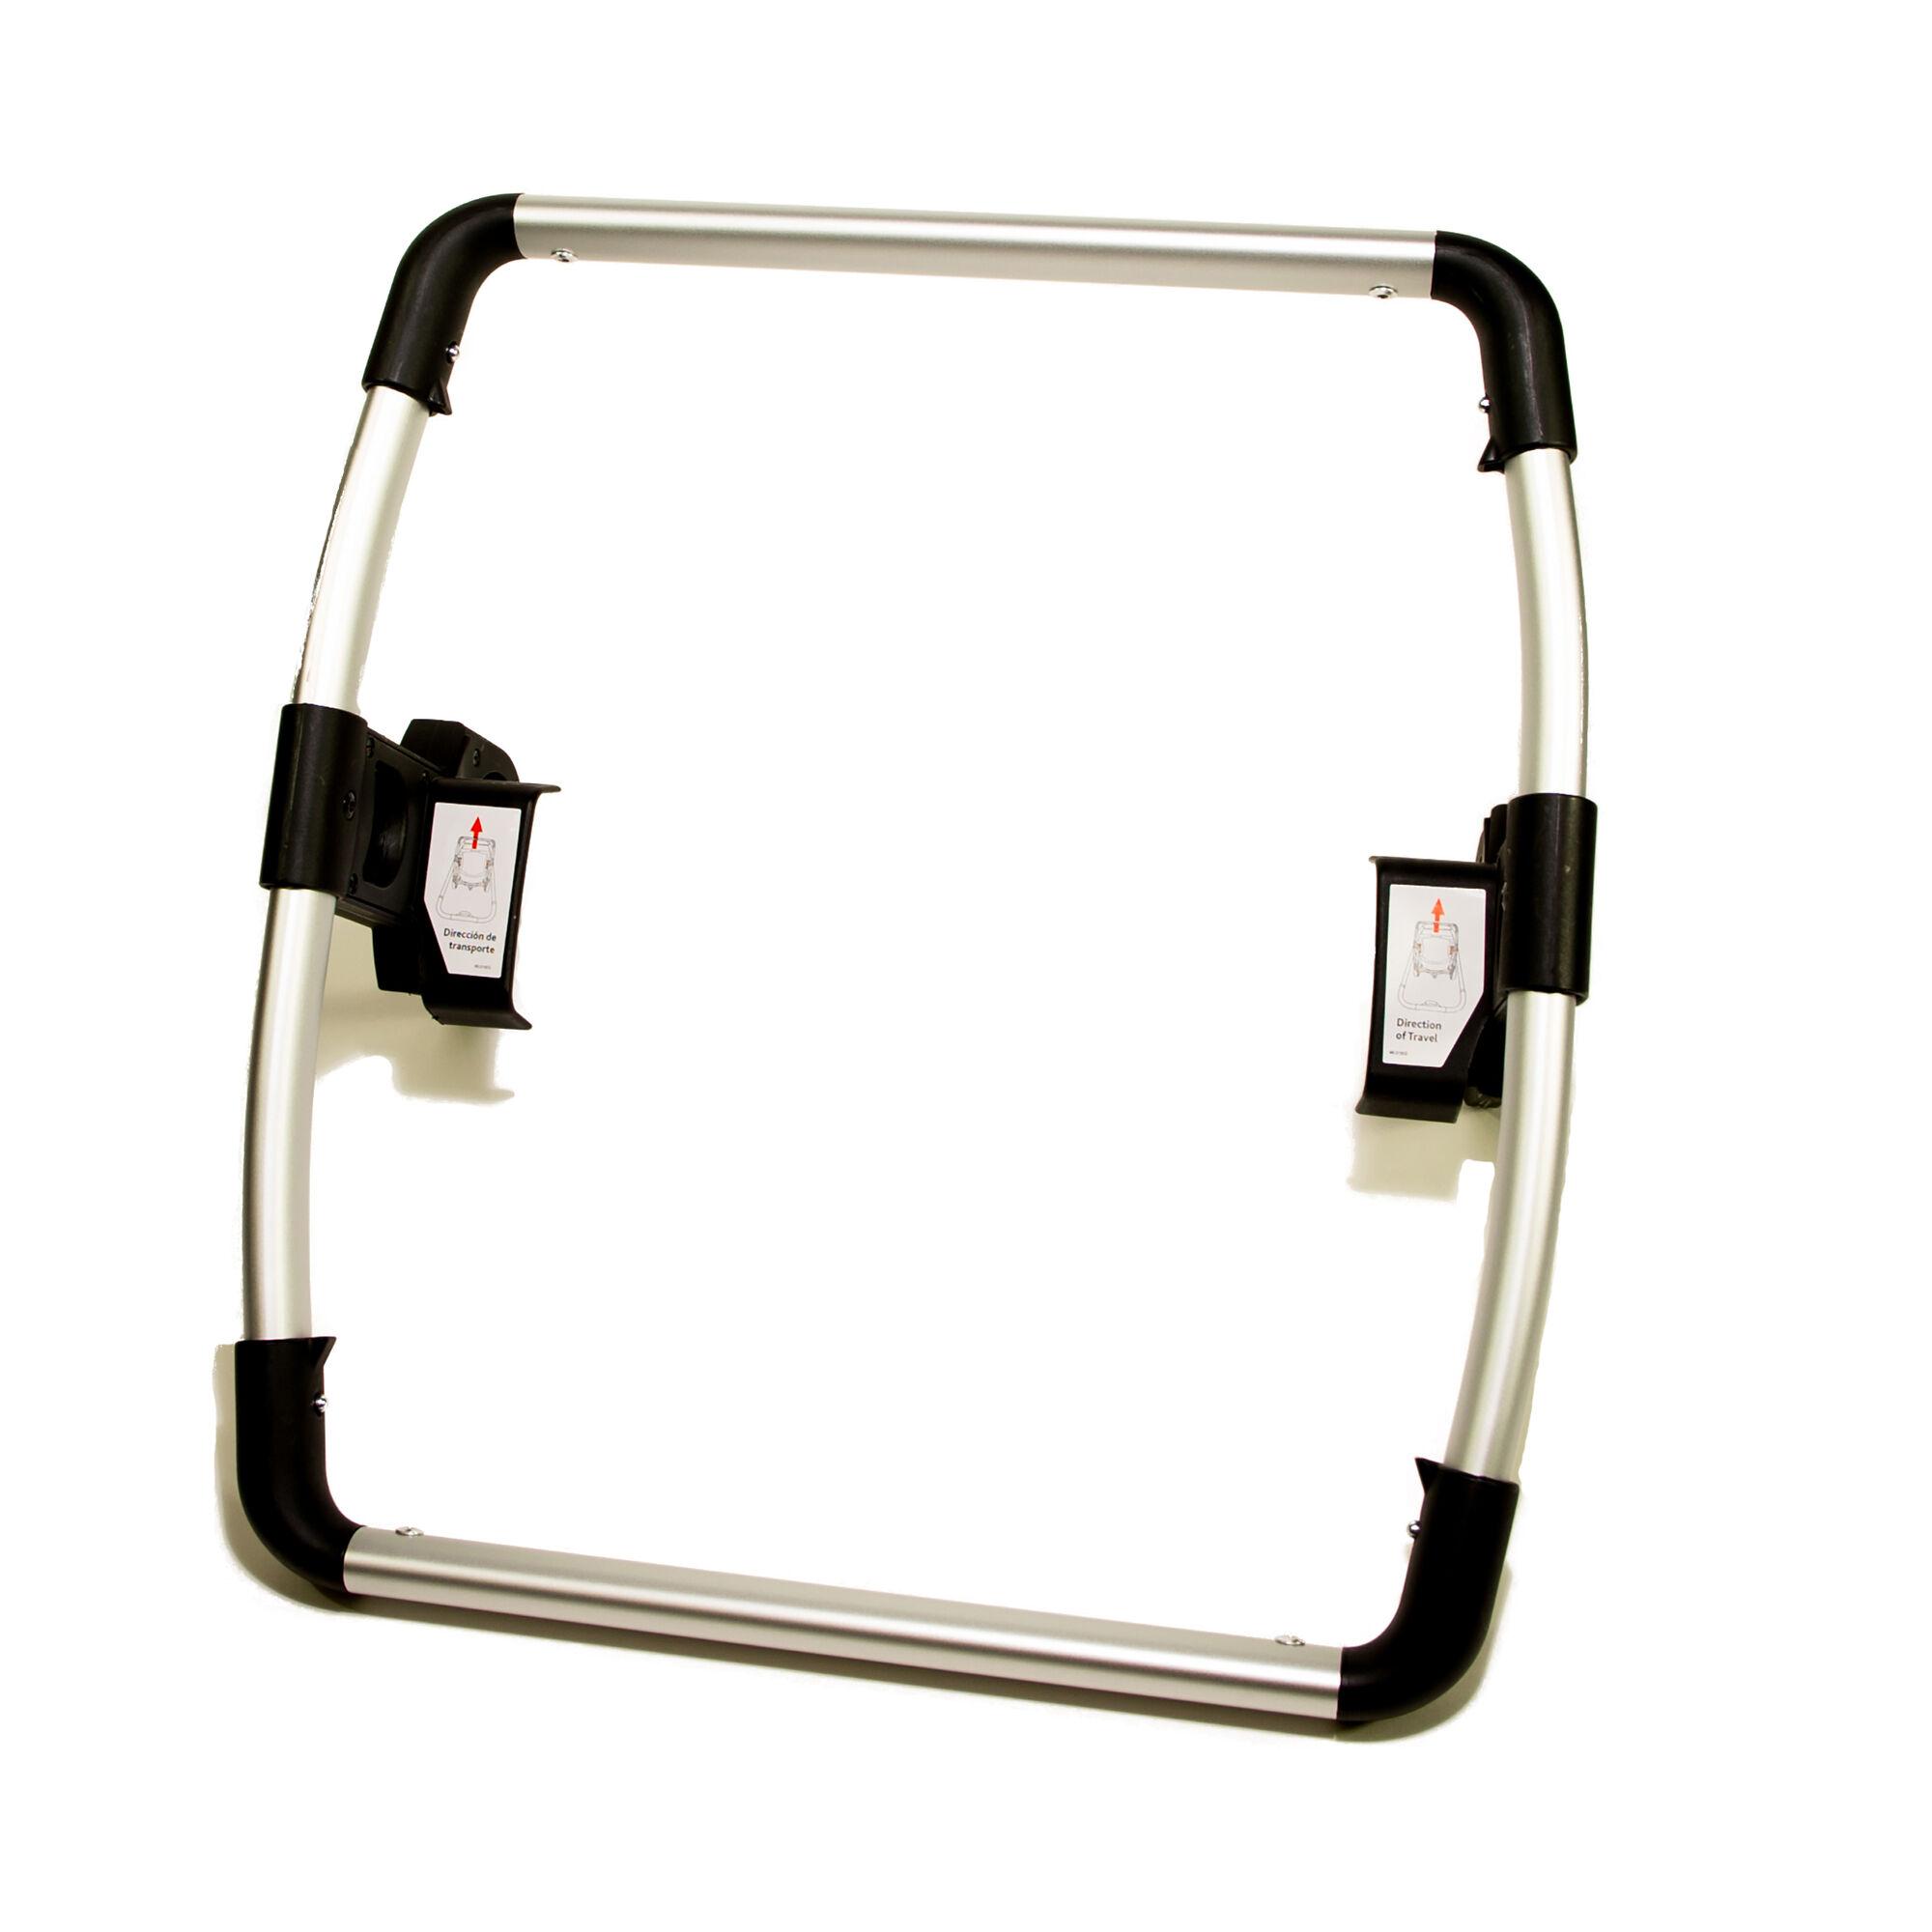 urban stroller keyfit car seat adaptor bar. Black Bedroom Furniture Sets. Home Design Ideas